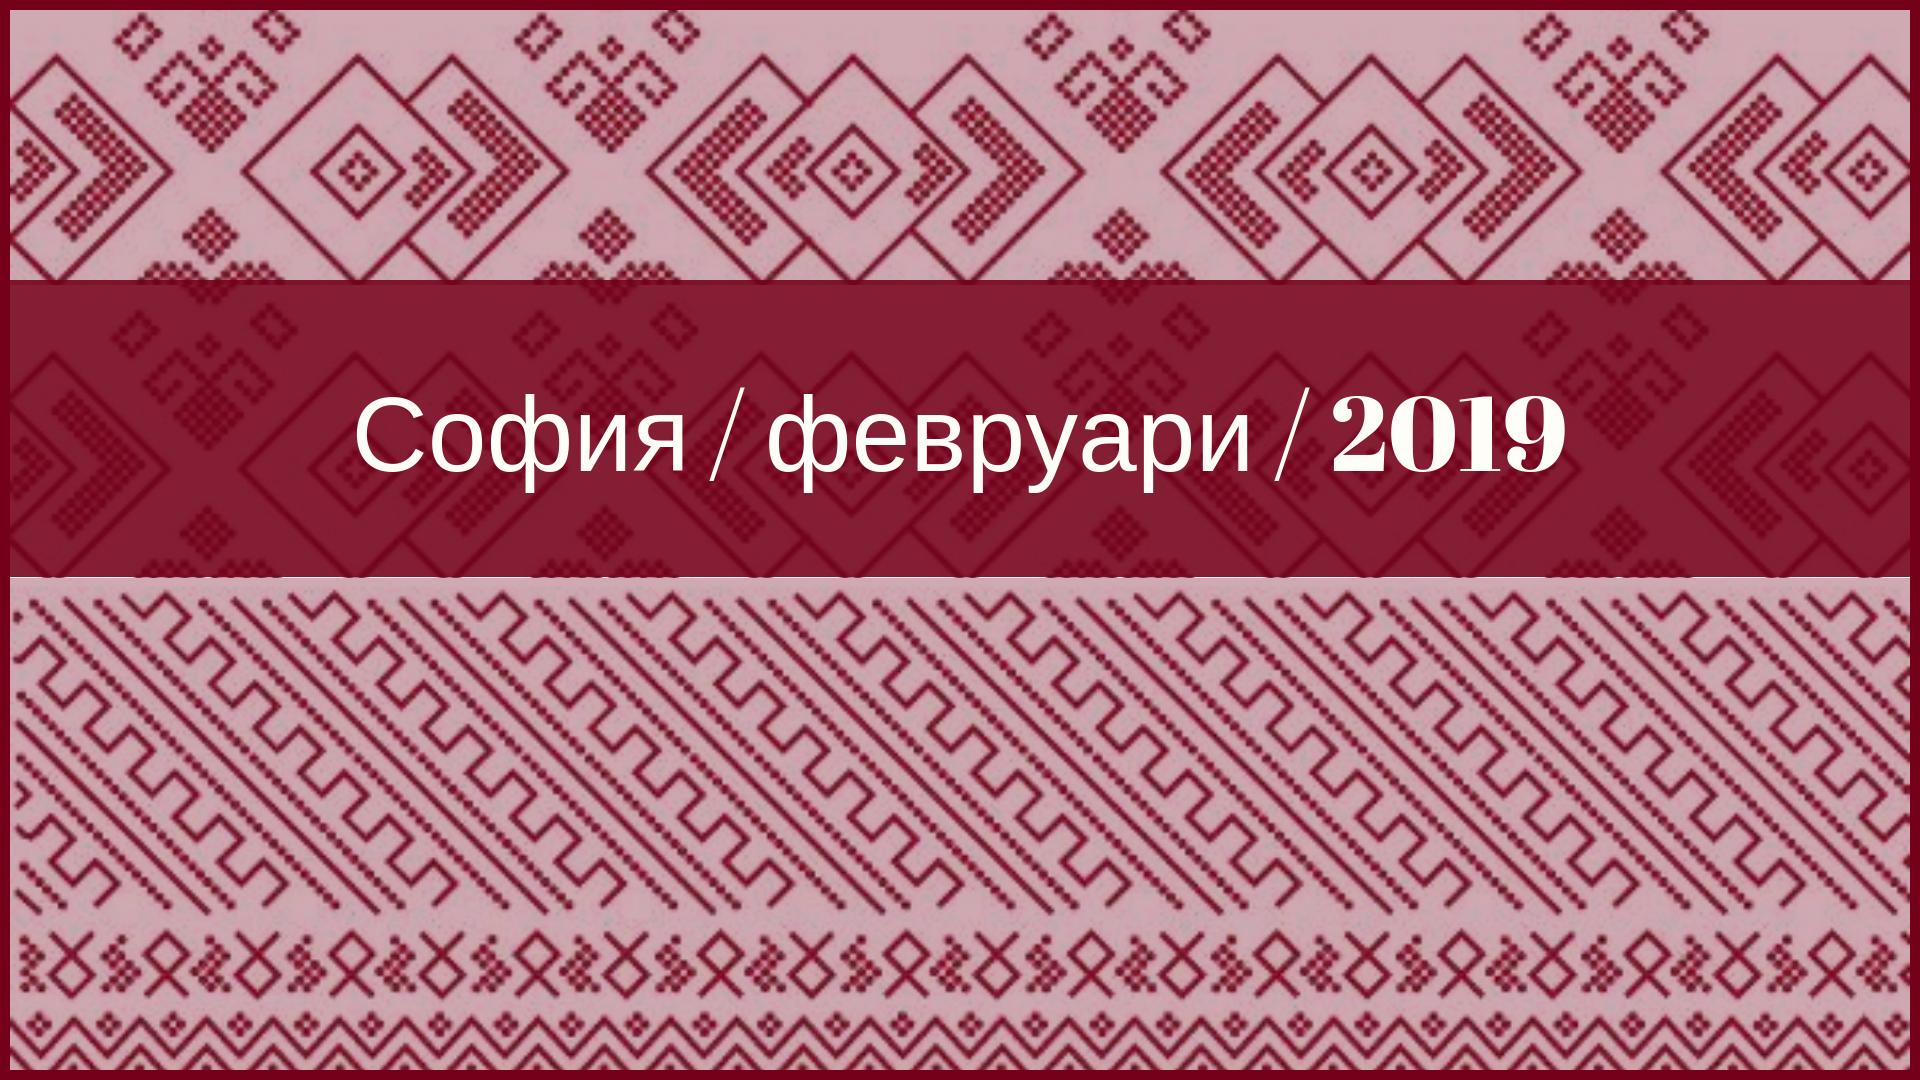 Снимка на статия за Нови групи град София - Февруари 2019.Photo for article